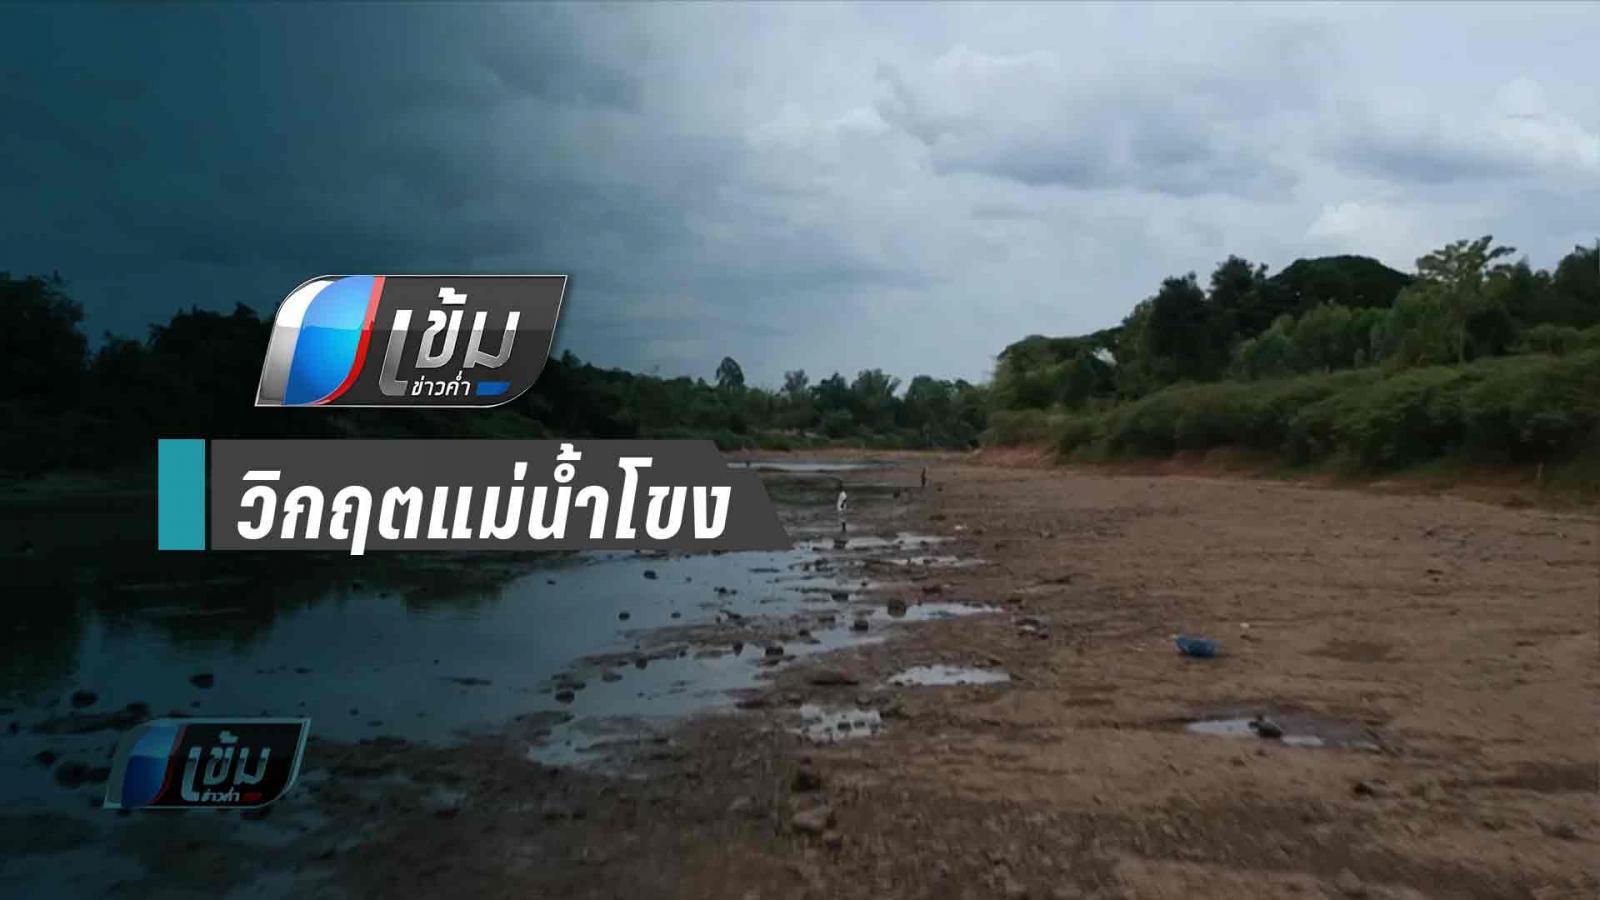 วิกฤตแม่น้ำโขง กระทบ 7 จังหวัด ภาคอีสาน